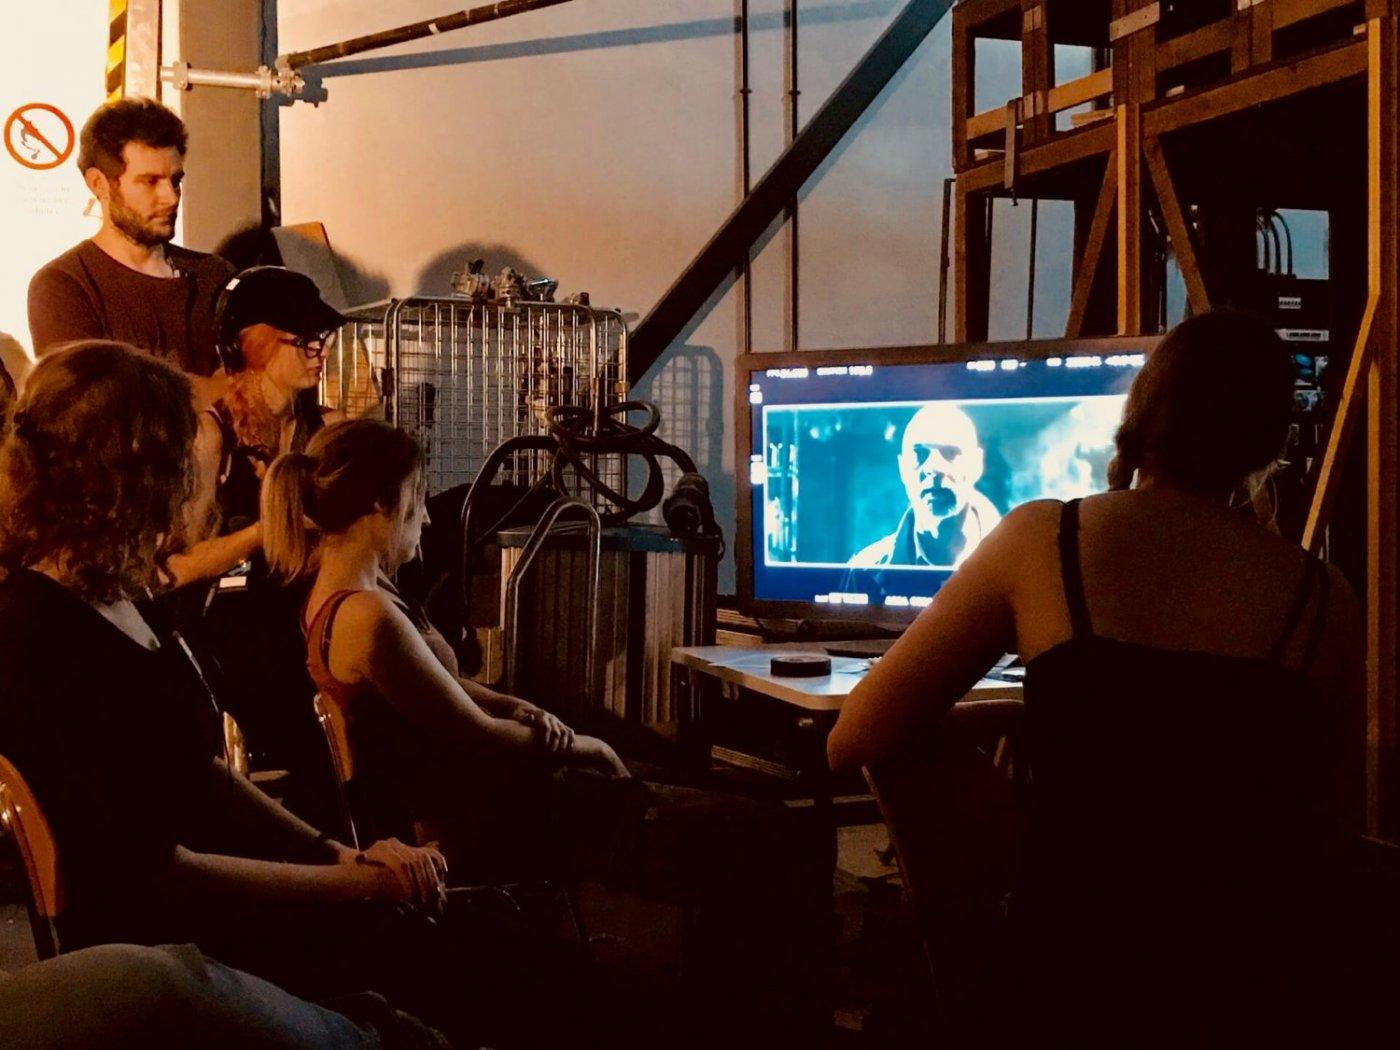 Stellar Datenrettung unterstützt Film über Datenklau